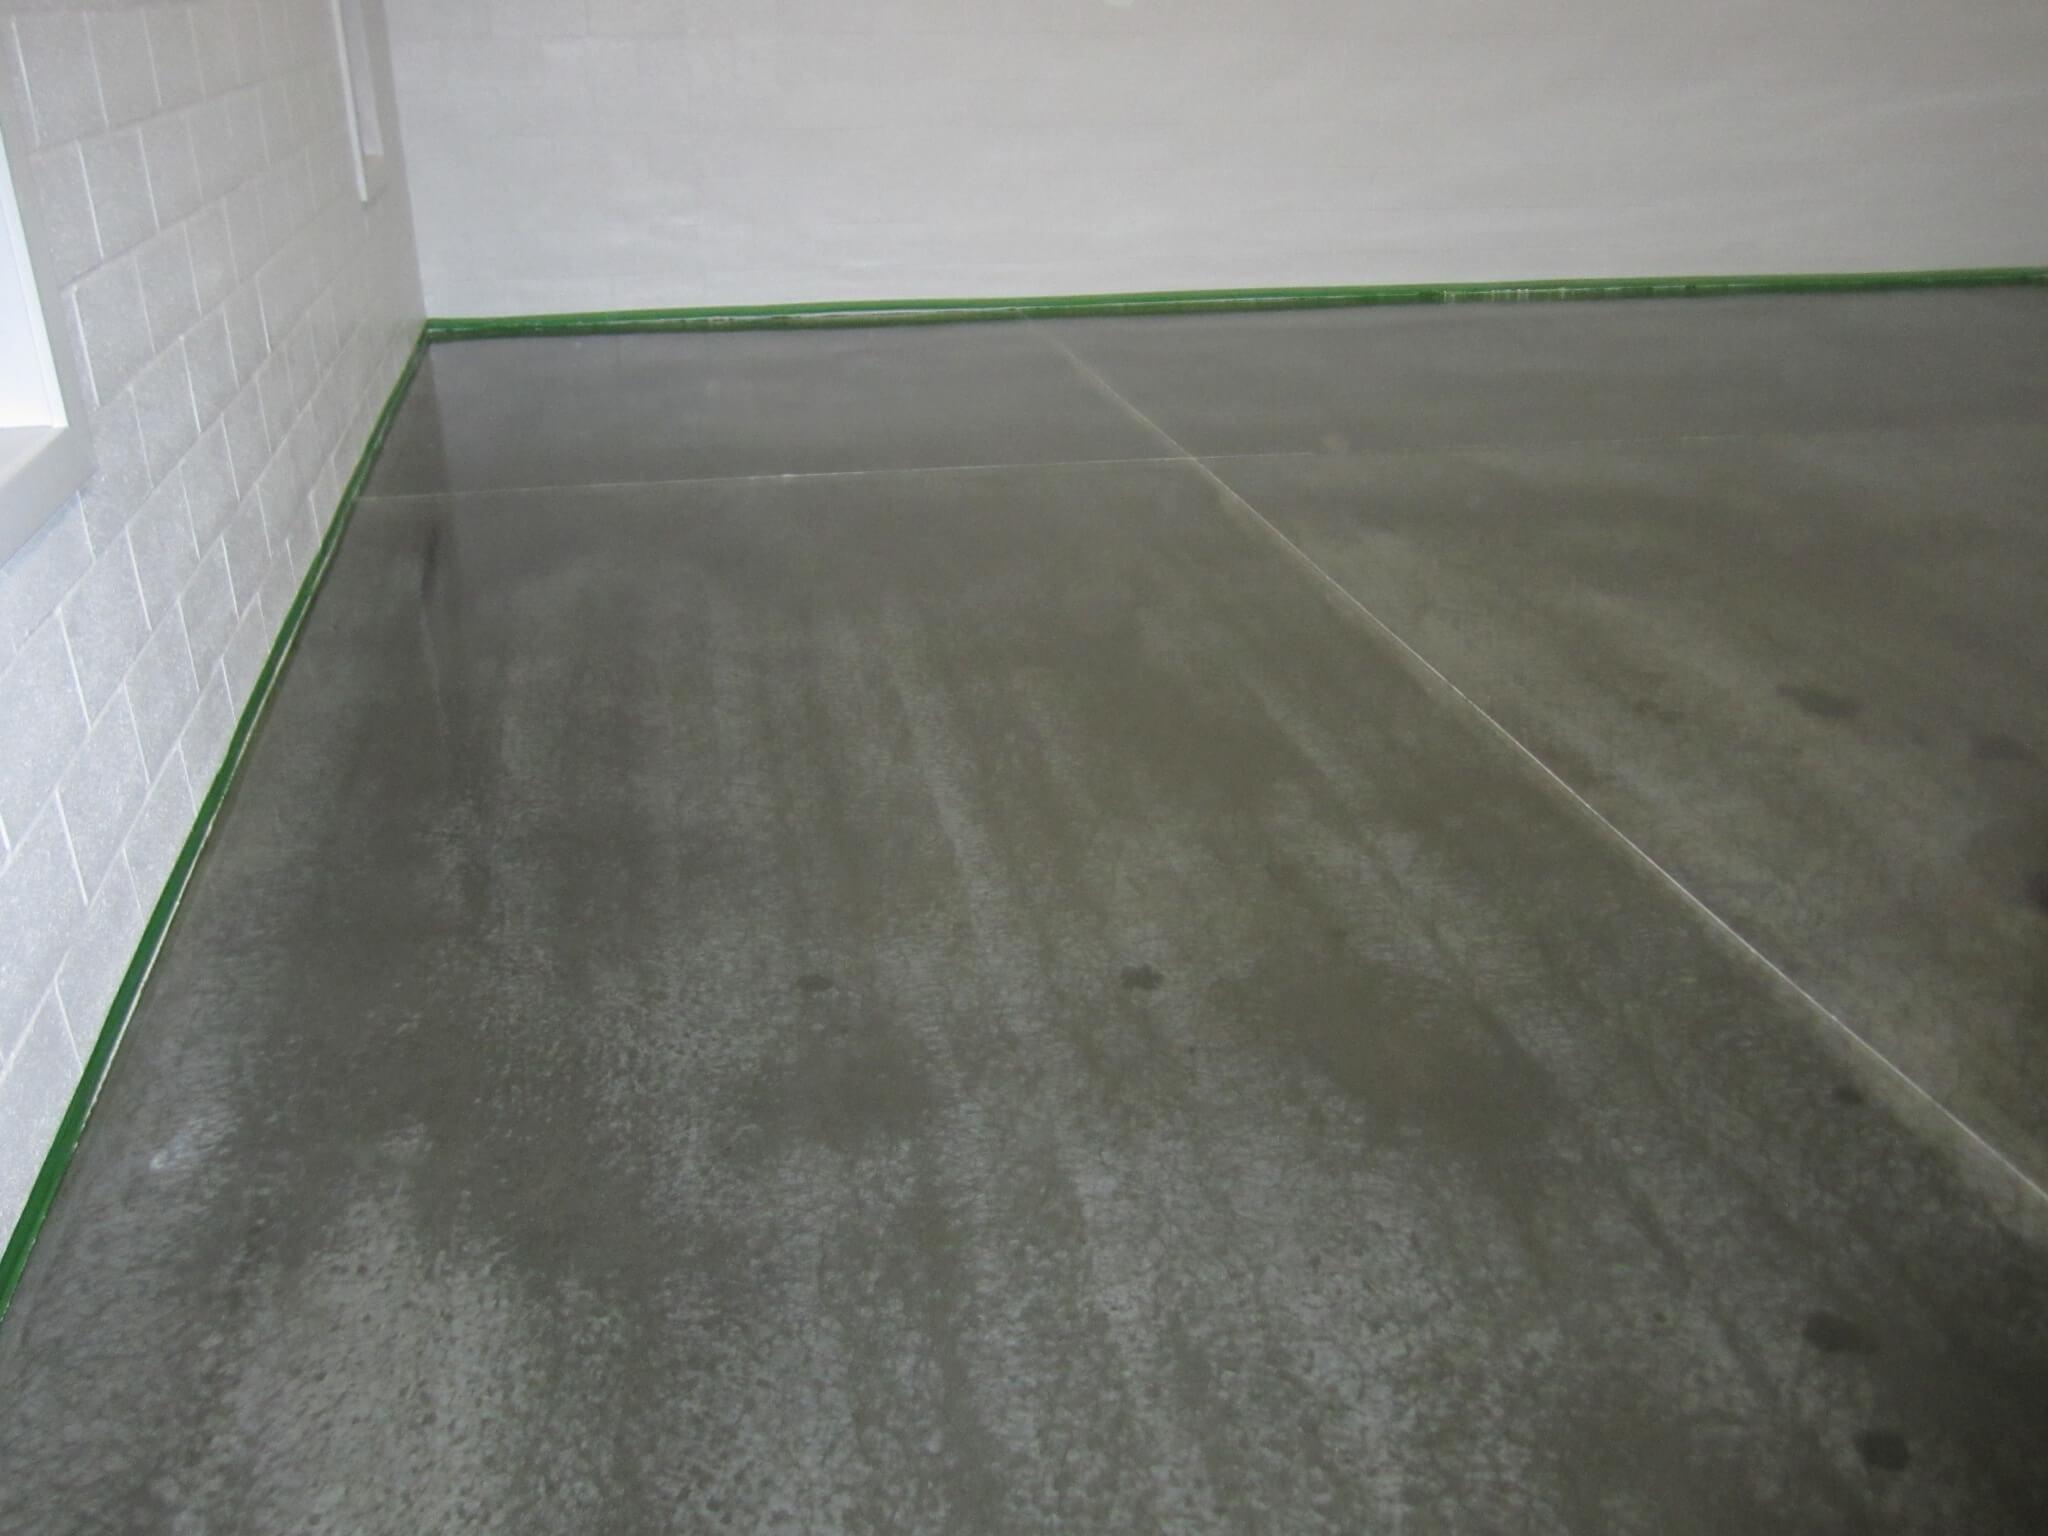 Epoxy Résidentiel Plancher De Garage